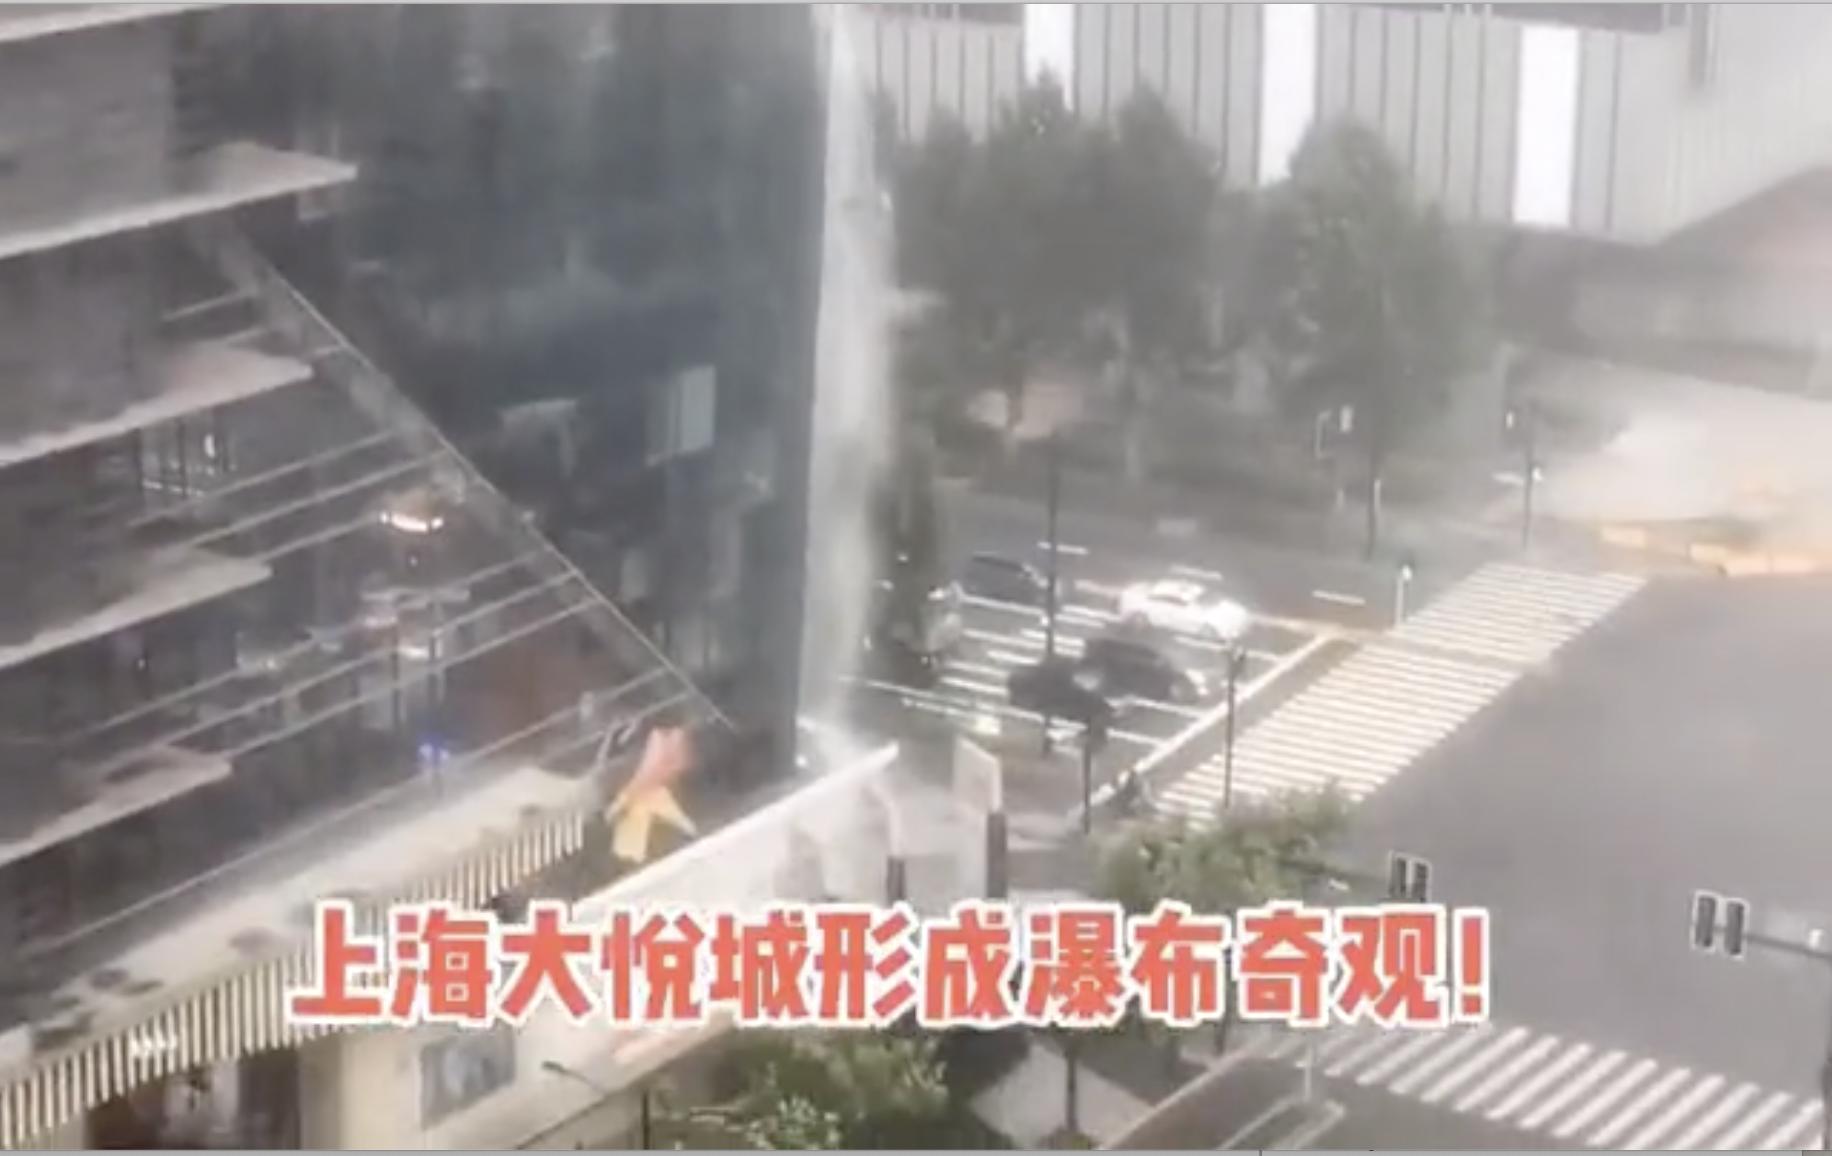 上海購物中心大悅城因為暴雨傾潟而上,形成了一道「瀑布」。(影片截圖)